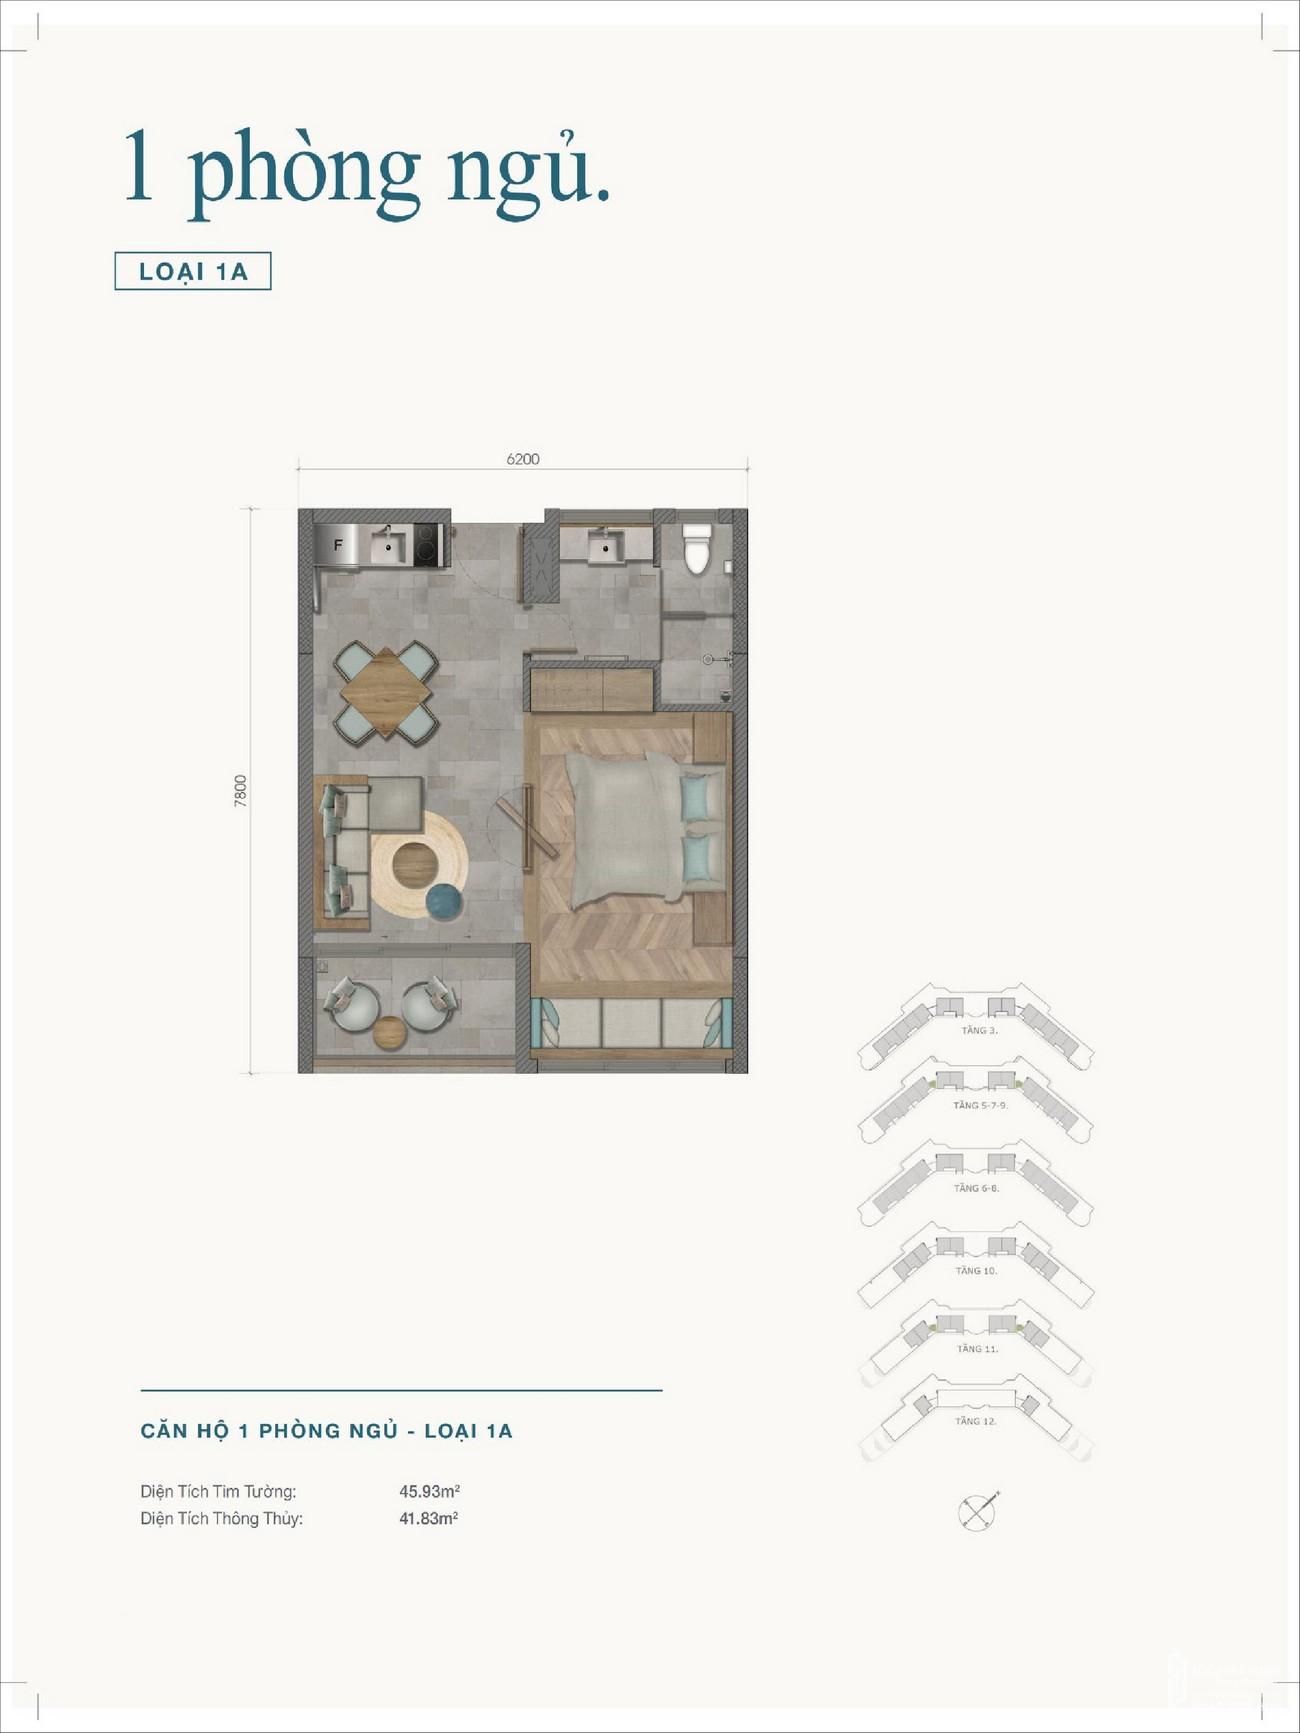 Thiết kế dự án biệt thự biển chung cư Ixora Hồ Tràm By Fusion Xuyên Mộc Đường Phước Thuận & Bông Trang chủ đầu tư HTP